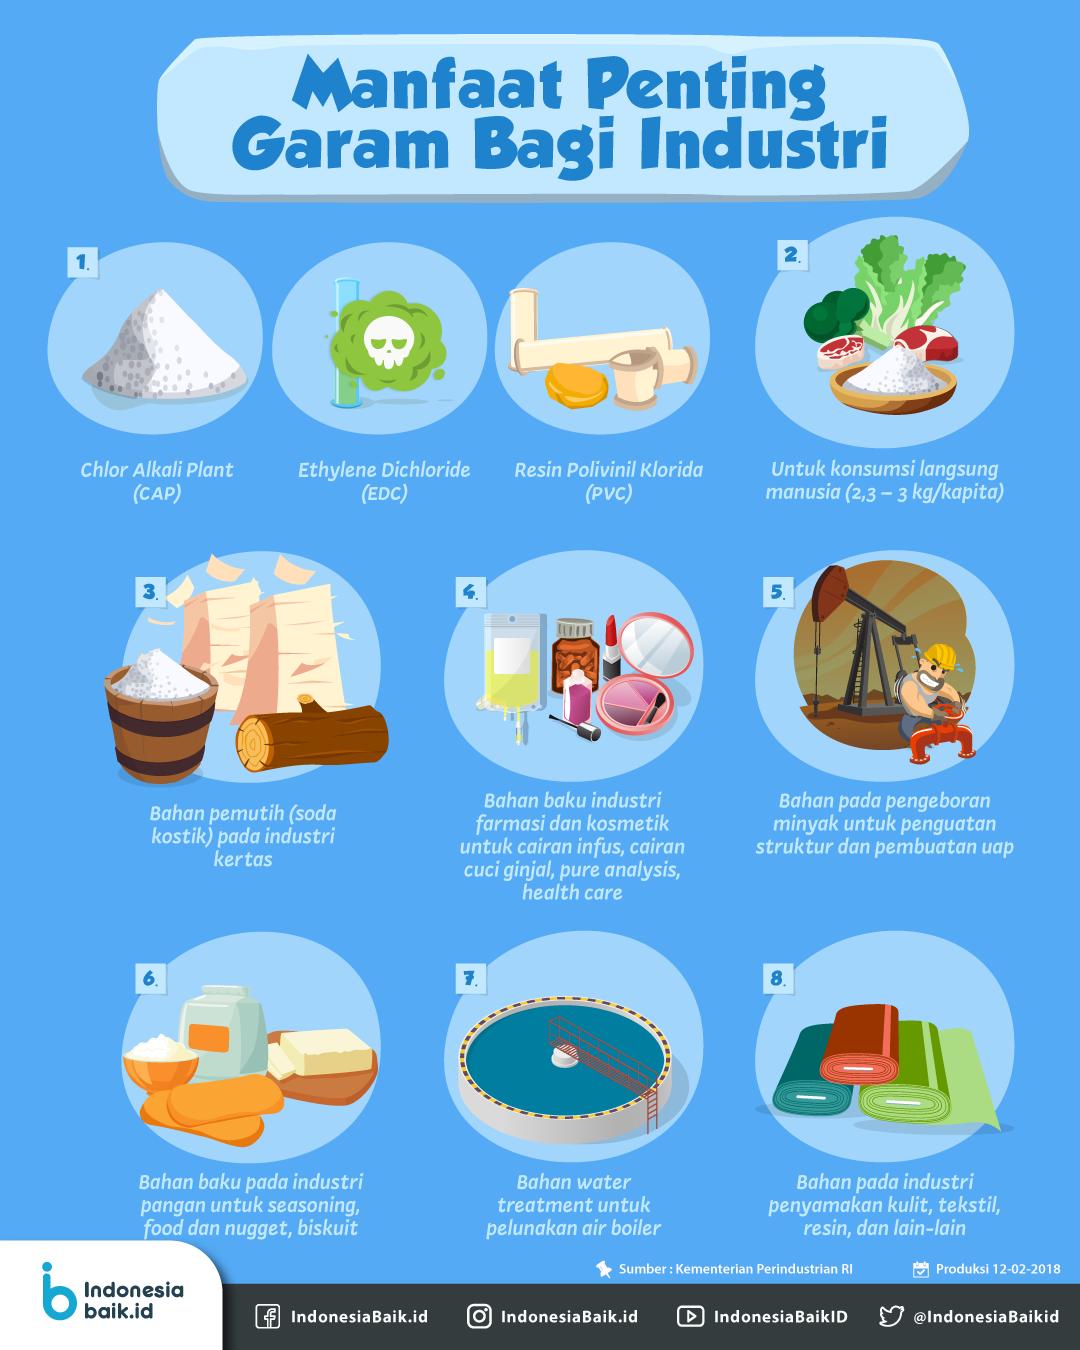 Manfaat Penting Garam Bagi Industri